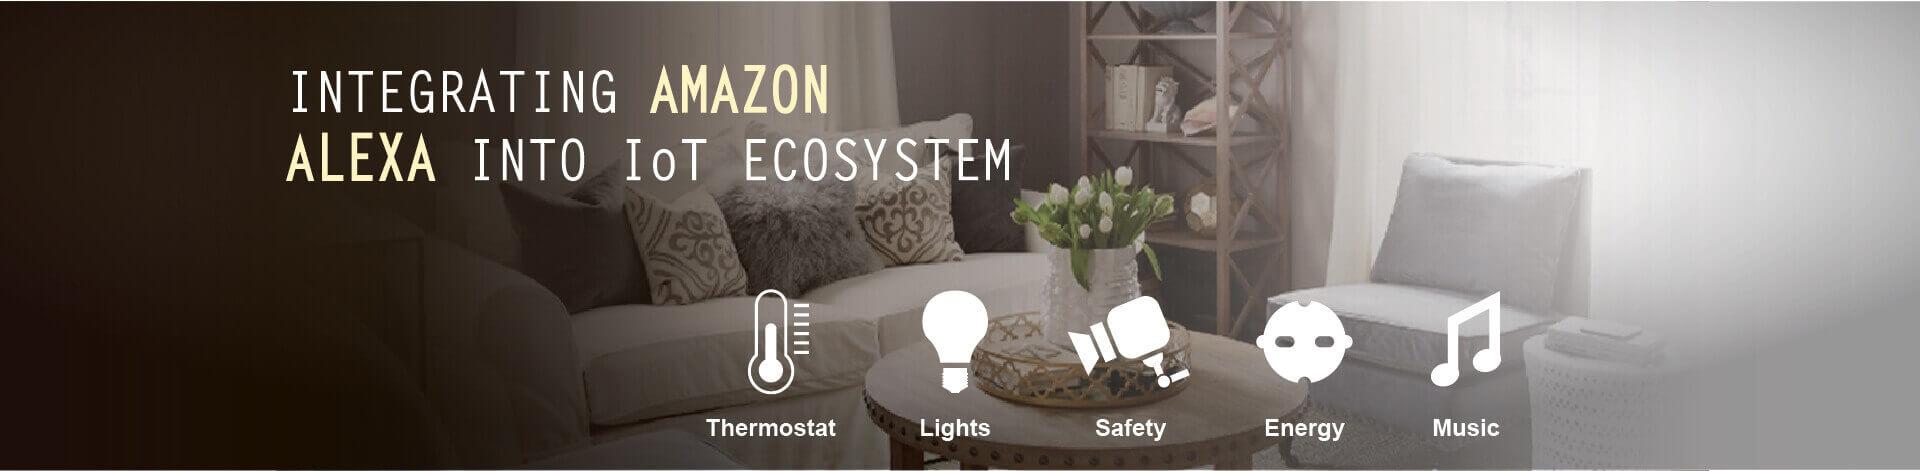 what is amazon alexa, IoT Ecosystem, Amazon Alexa IoT Ecosystem Integrating Service